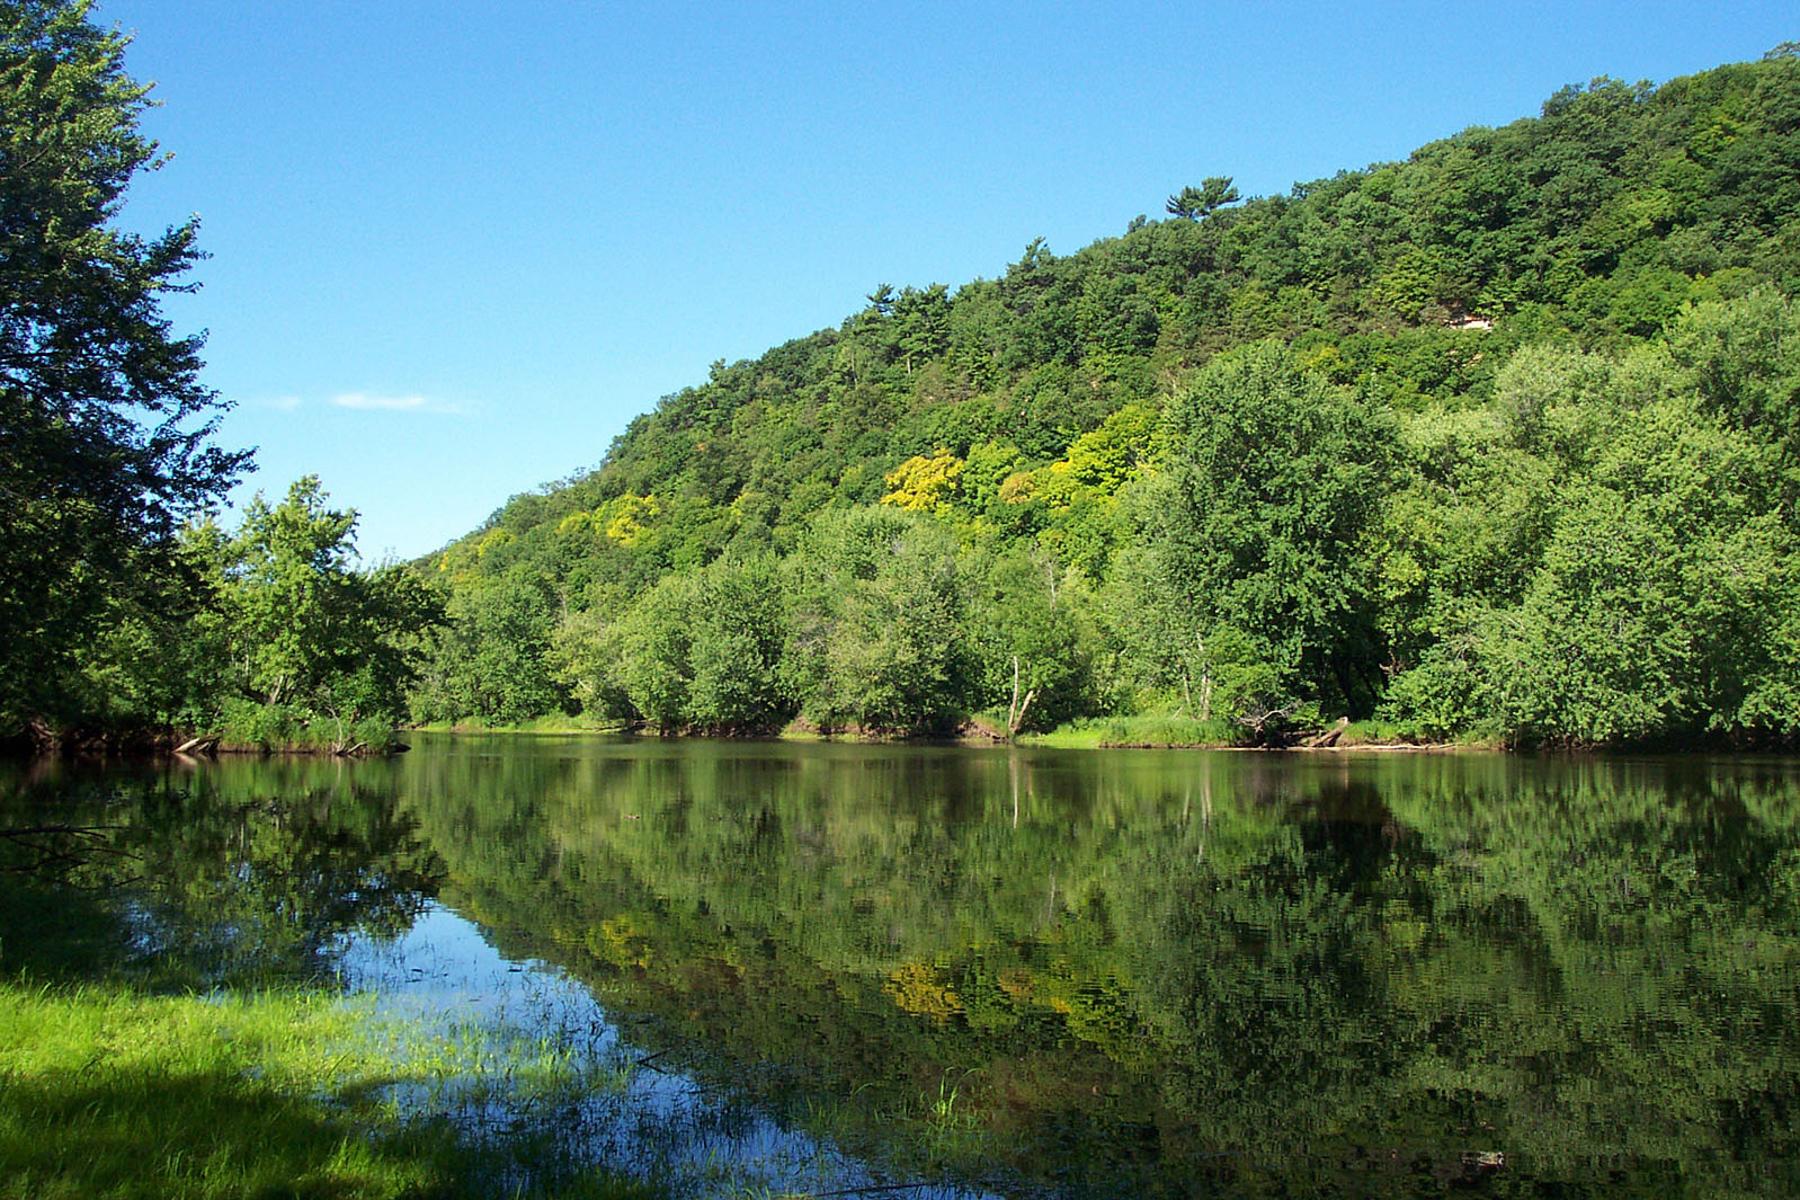 سرسبز درختوں سے گھرا ہوا دریا۔ (NPS)